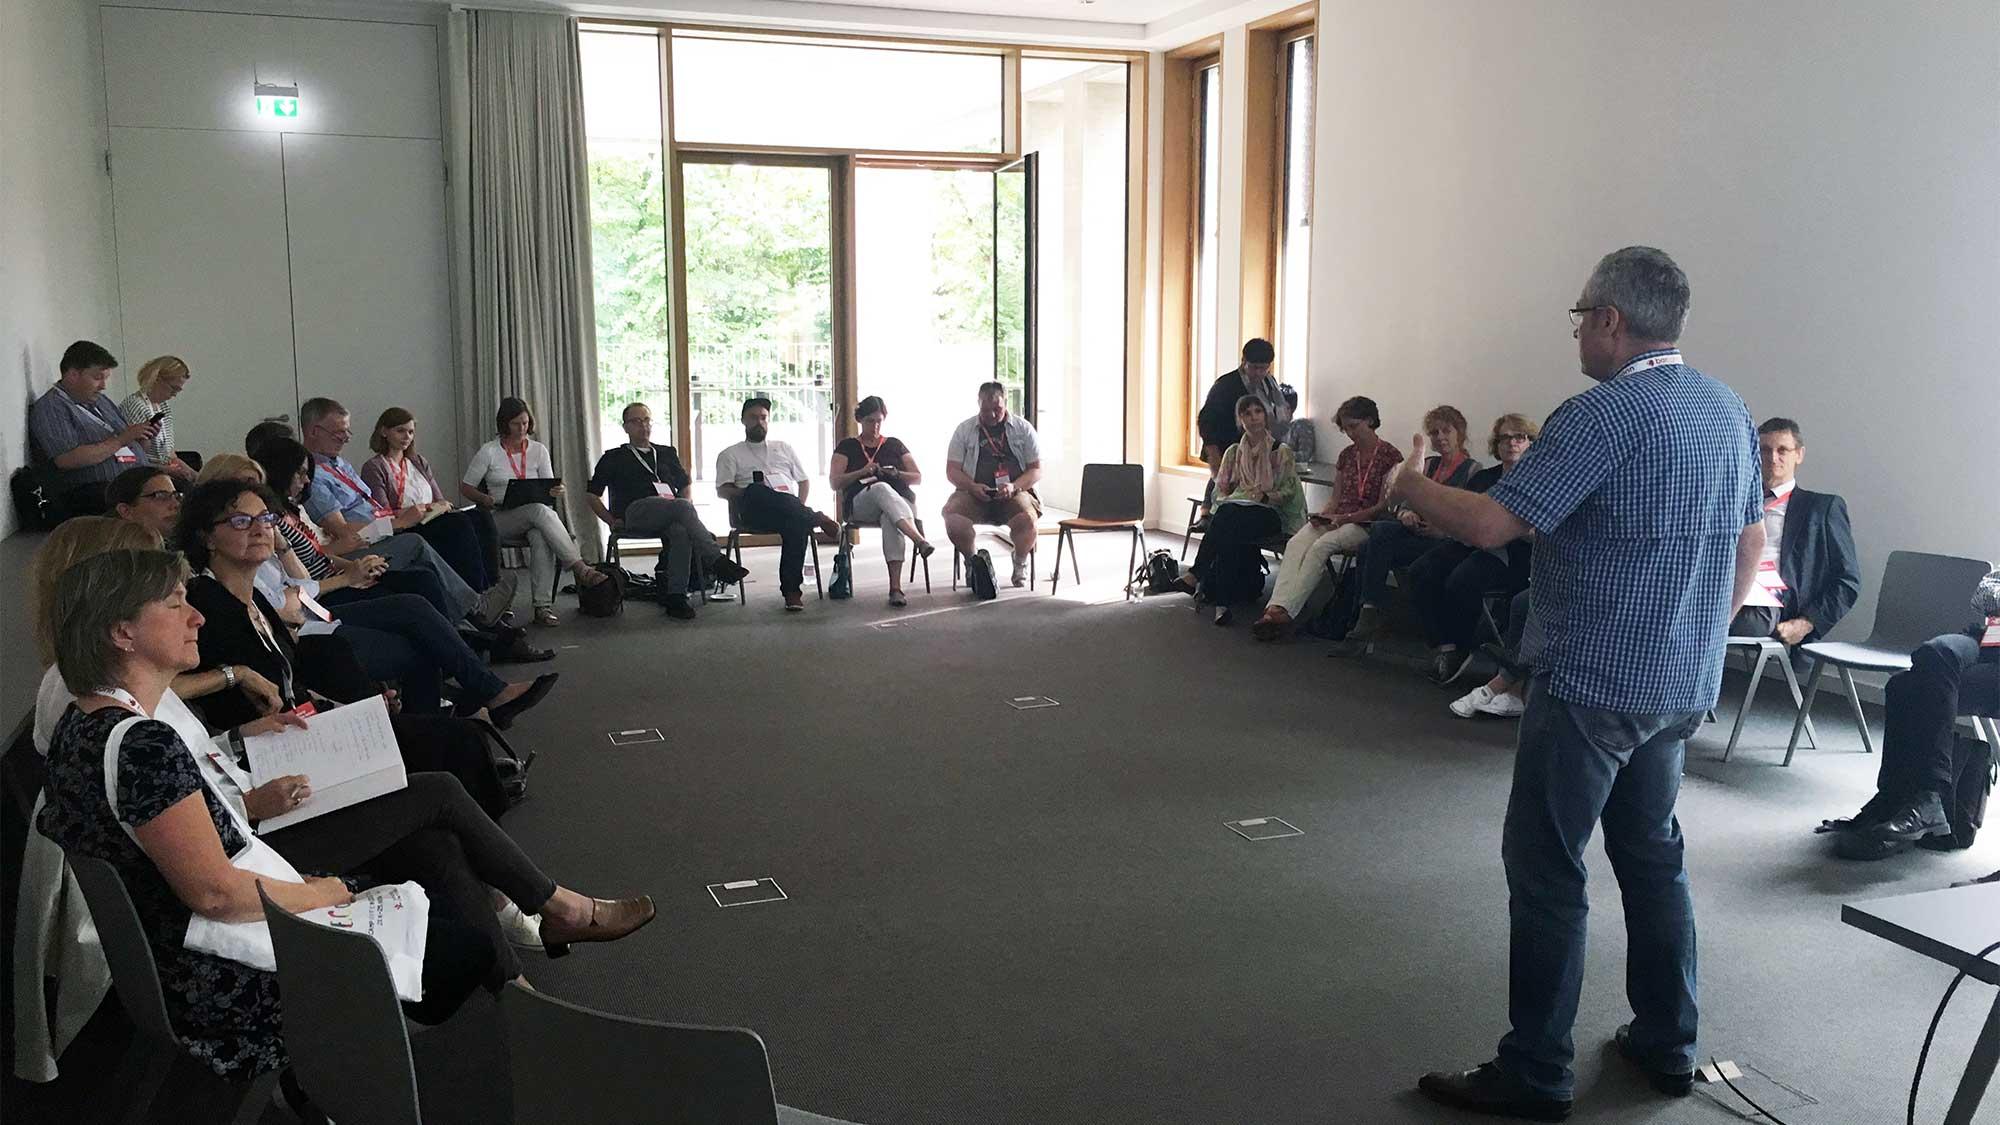 Ein Mann hält einen Vortrag, im Dreiviertelkreis vor ihm etwa dreißig Menschen.